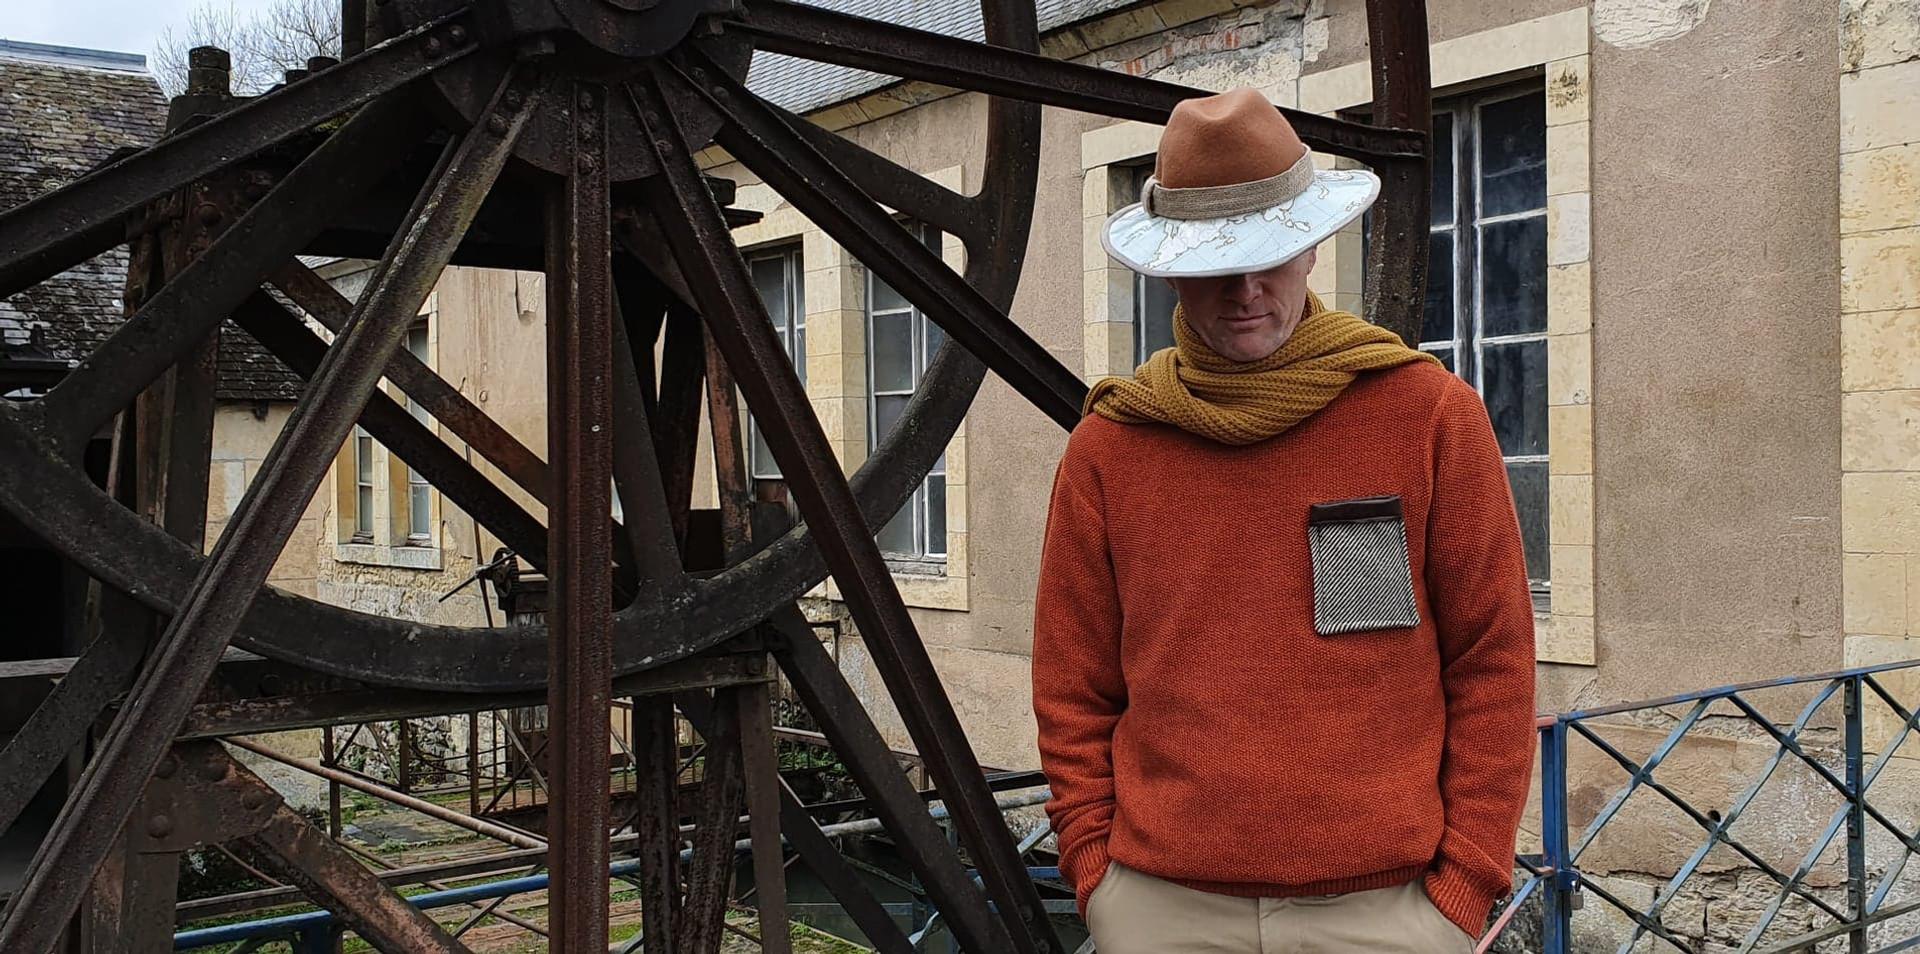 Chapeau Homme 2